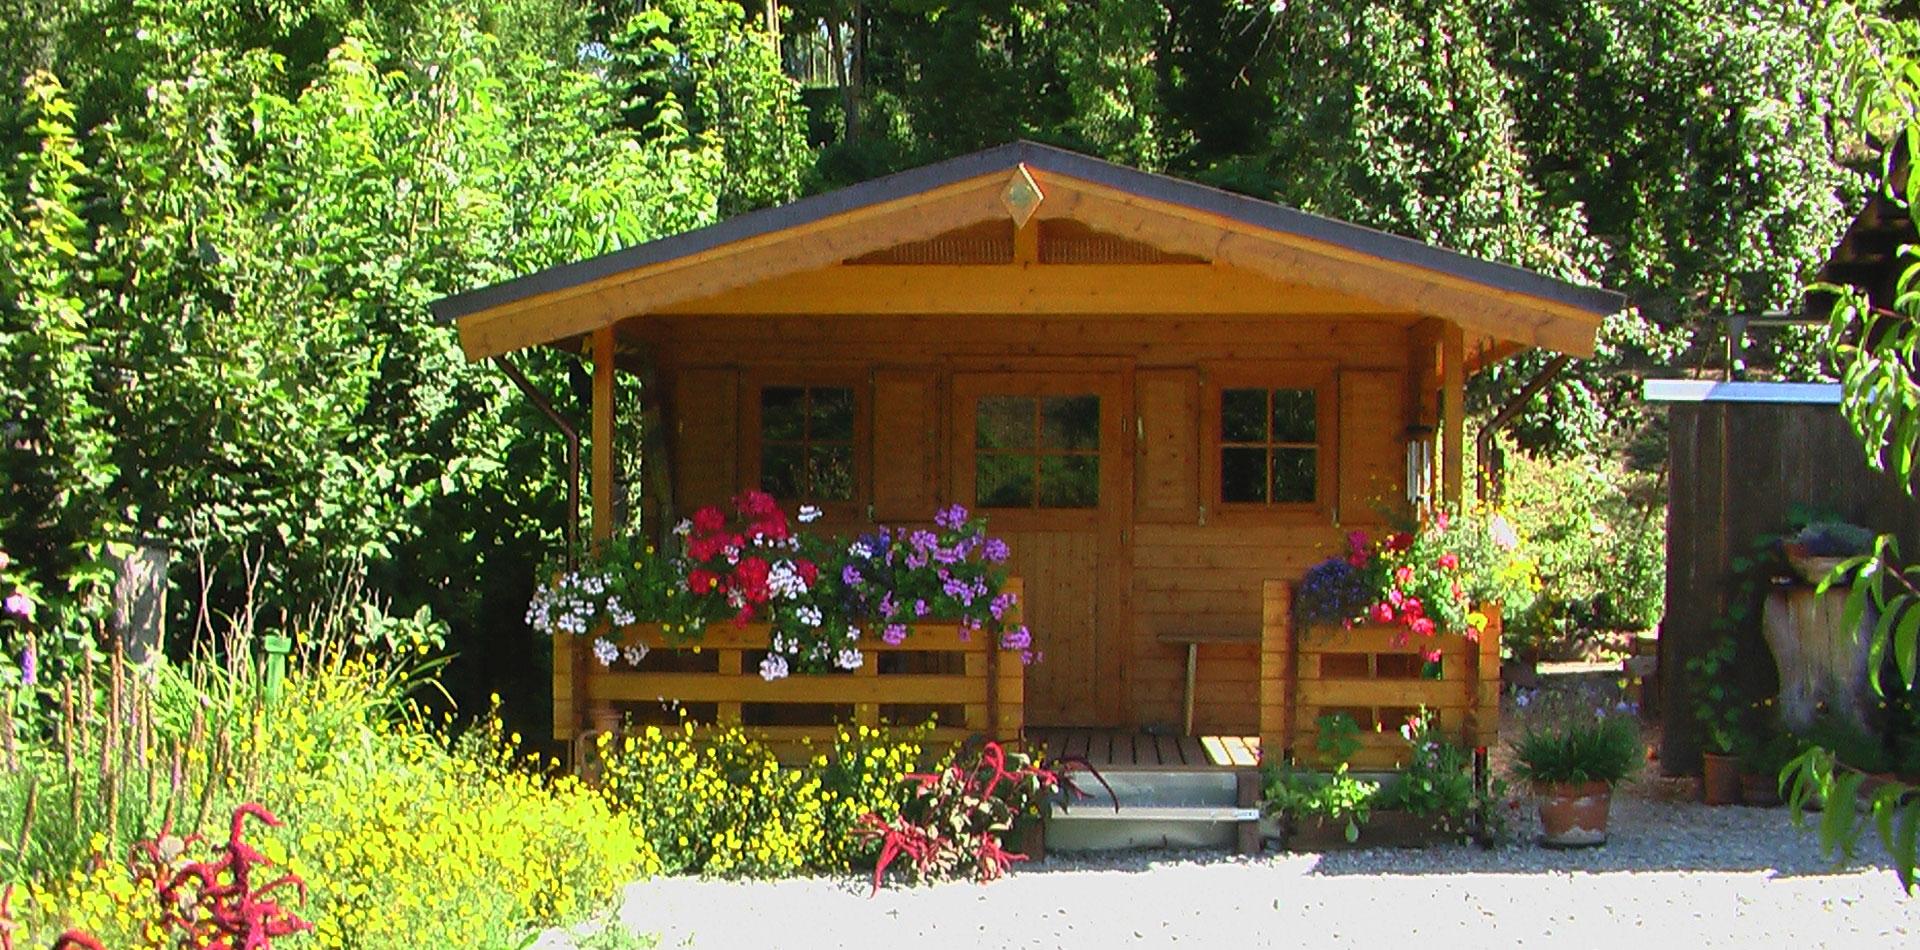 WEKA Gartenhaus mit Terrassengeländer an einem schönen Sonnentag